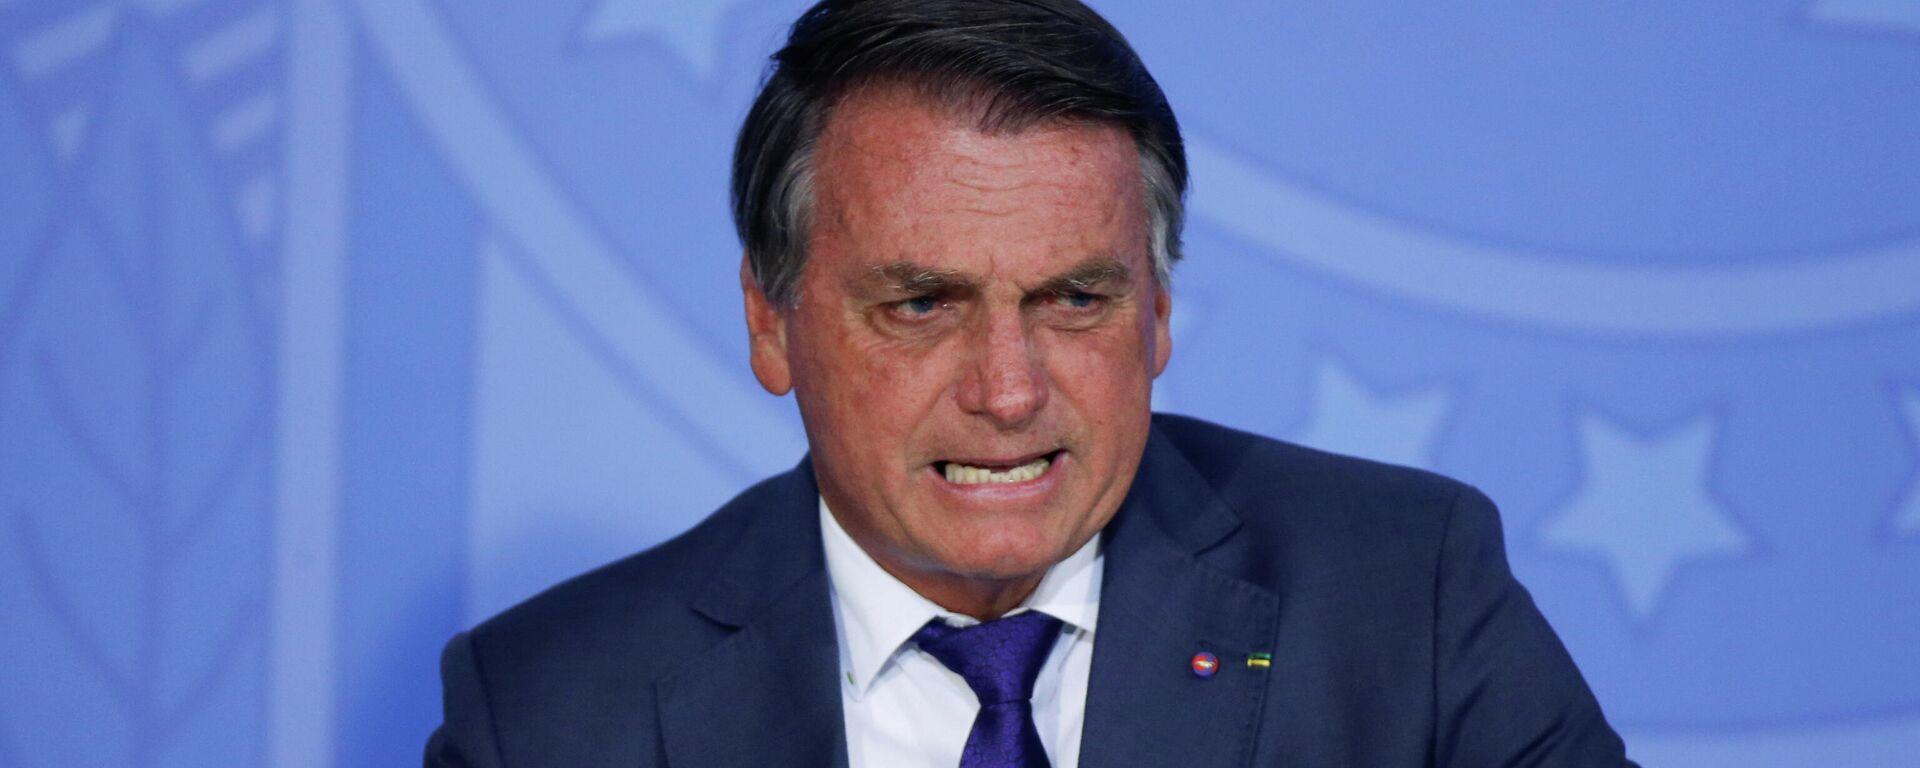 El presidente de Brasil, Jair Bolsonaro - Sputnik Mundo, 1920, 07.09.2021